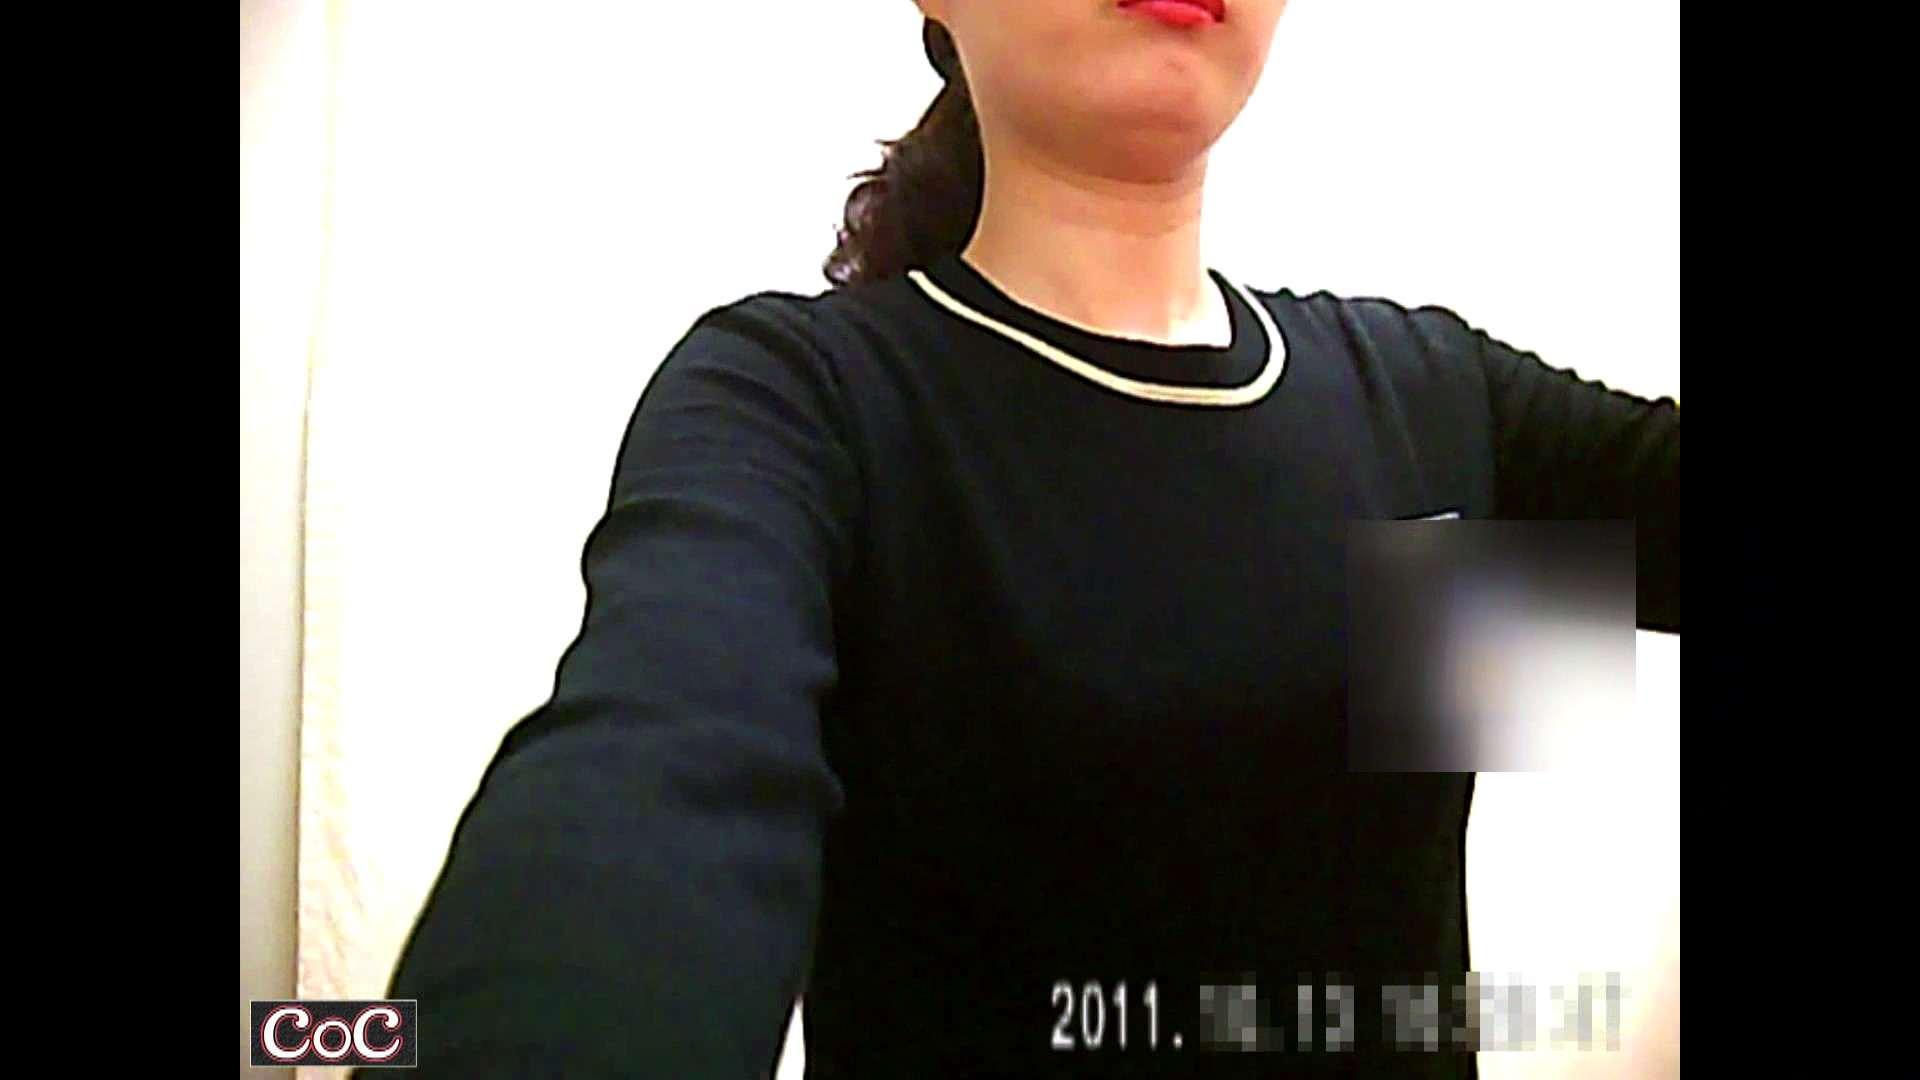 元医者による反抗 更衣室地獄絵巻 vol.239 OLハメ撮り  28Pix 9